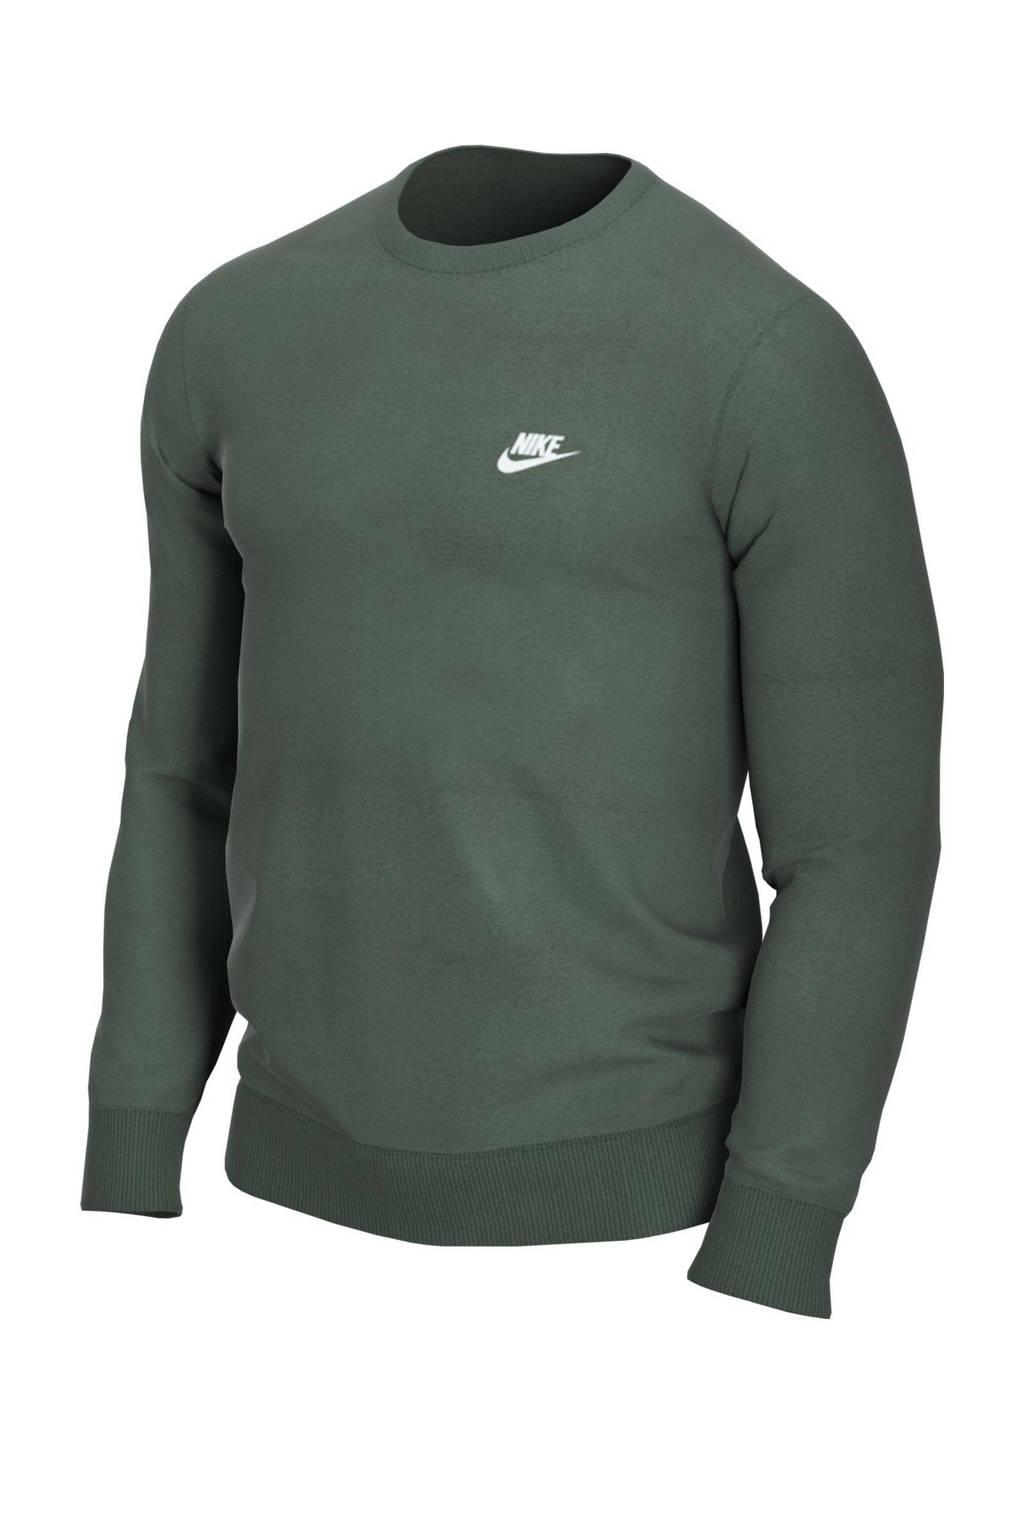 Nike sweater donkergroen, Donkergroen/wit